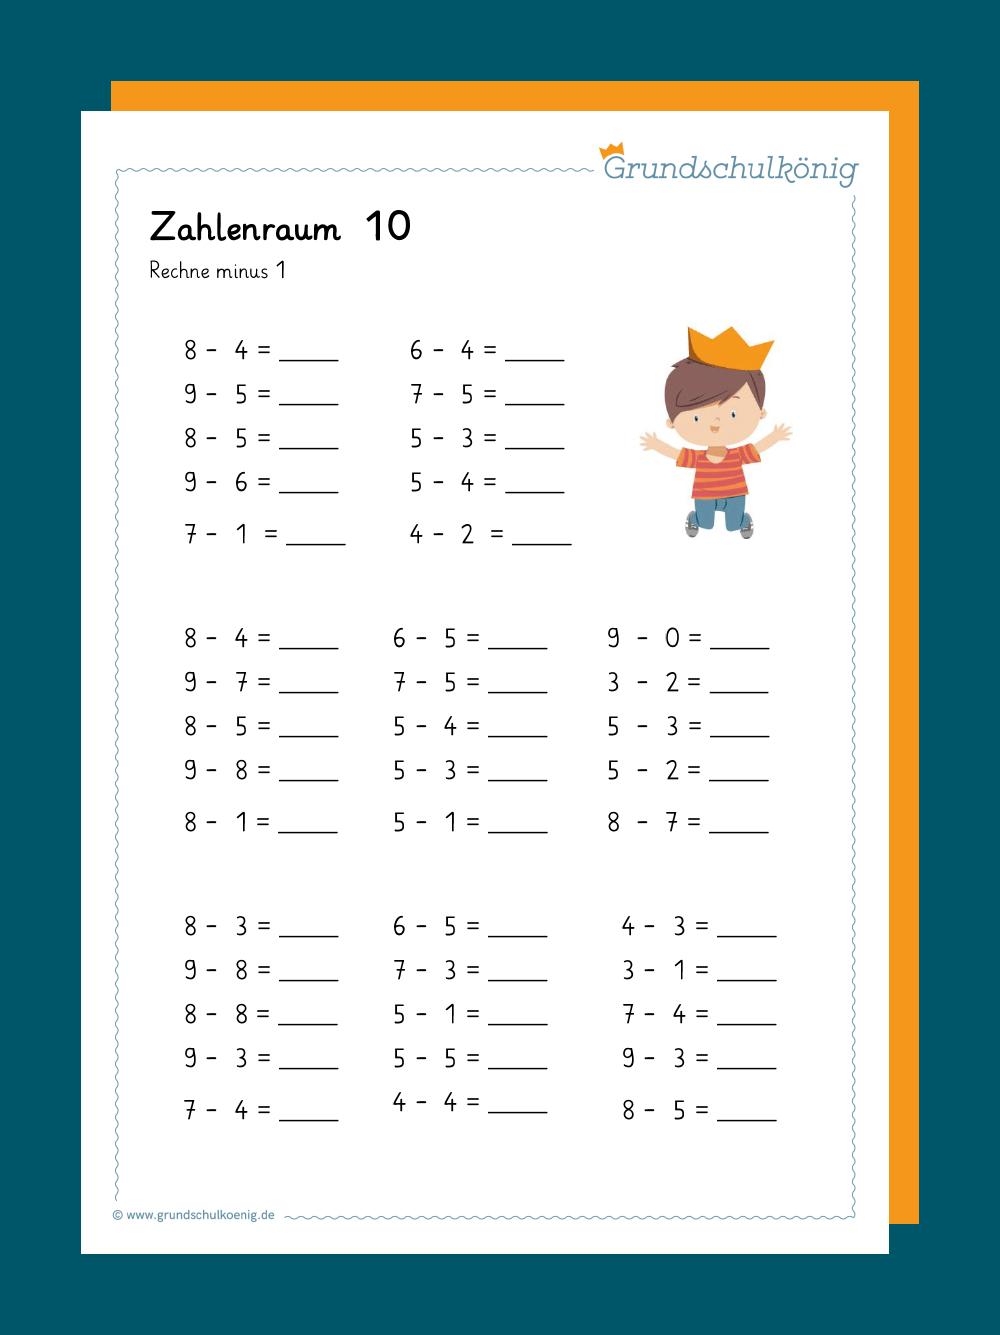 Eine Aufgaben Zur Subtraktion Im Zahlenraum 10 Für Mathe In über Rechenaufgaben 1 Klasse Kostenlos